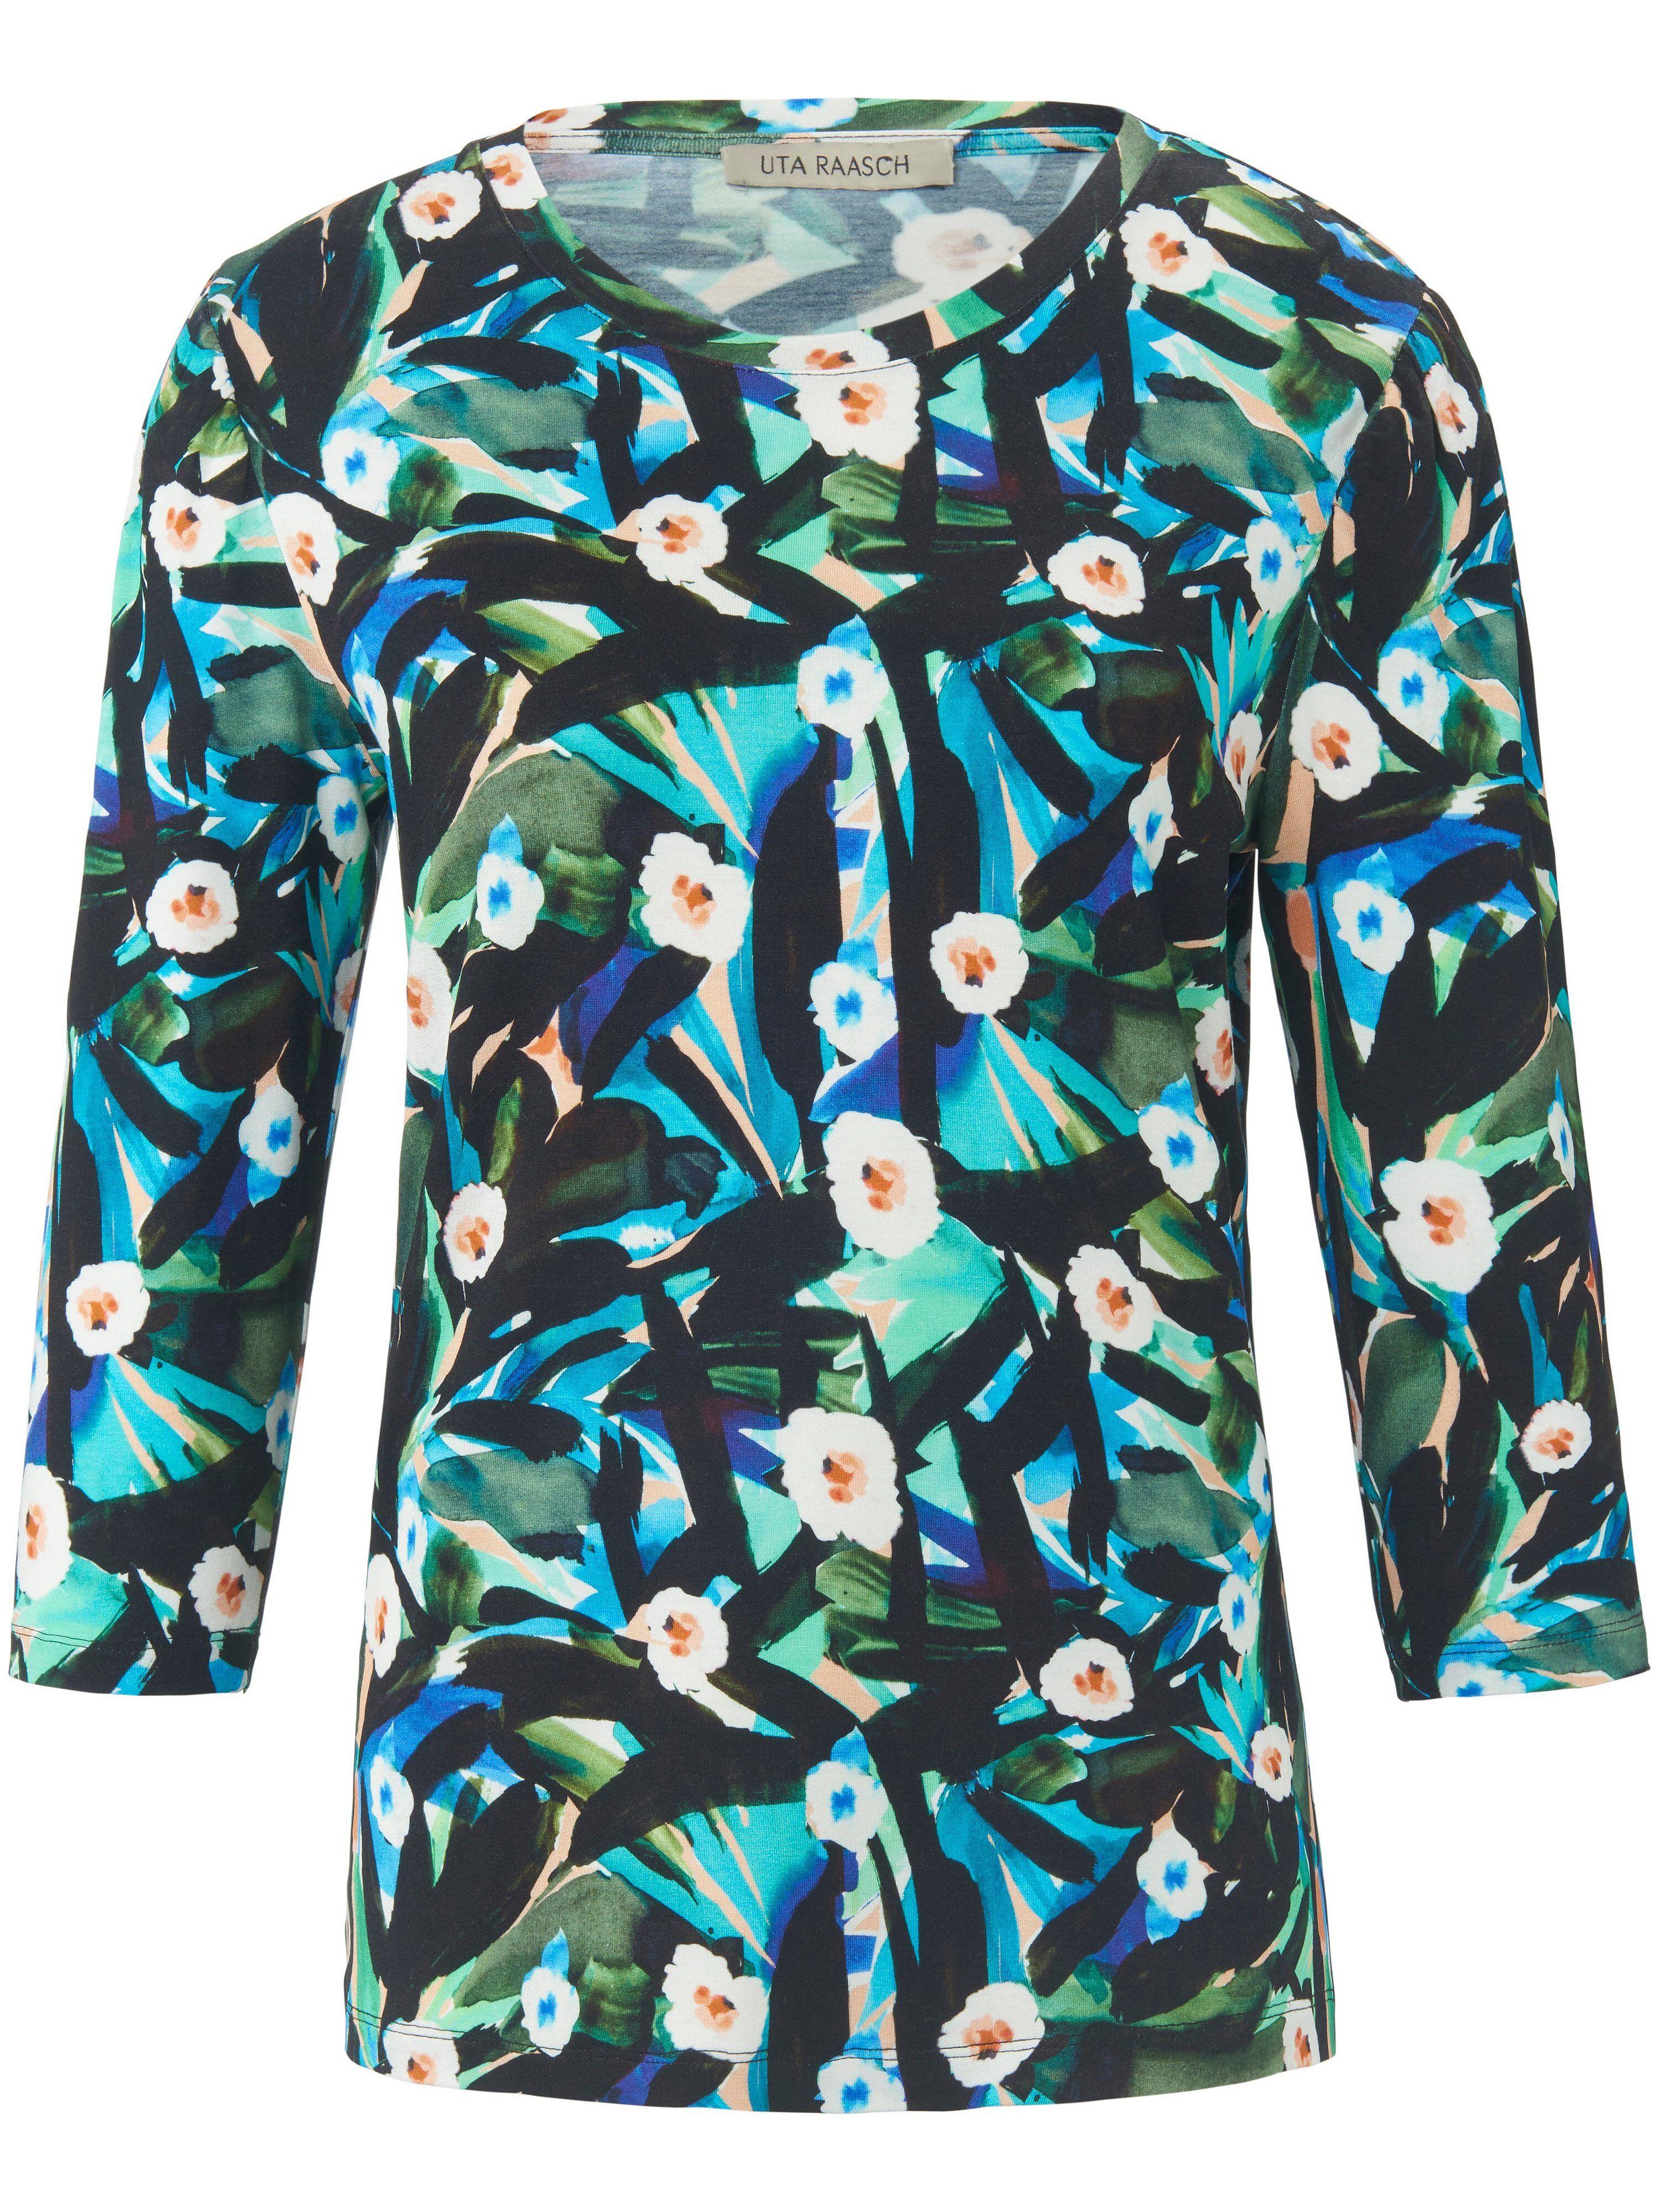 Uta Raasch Le T-shirt manches 3/4  Uta Raasch multicolore  - Femme - 38